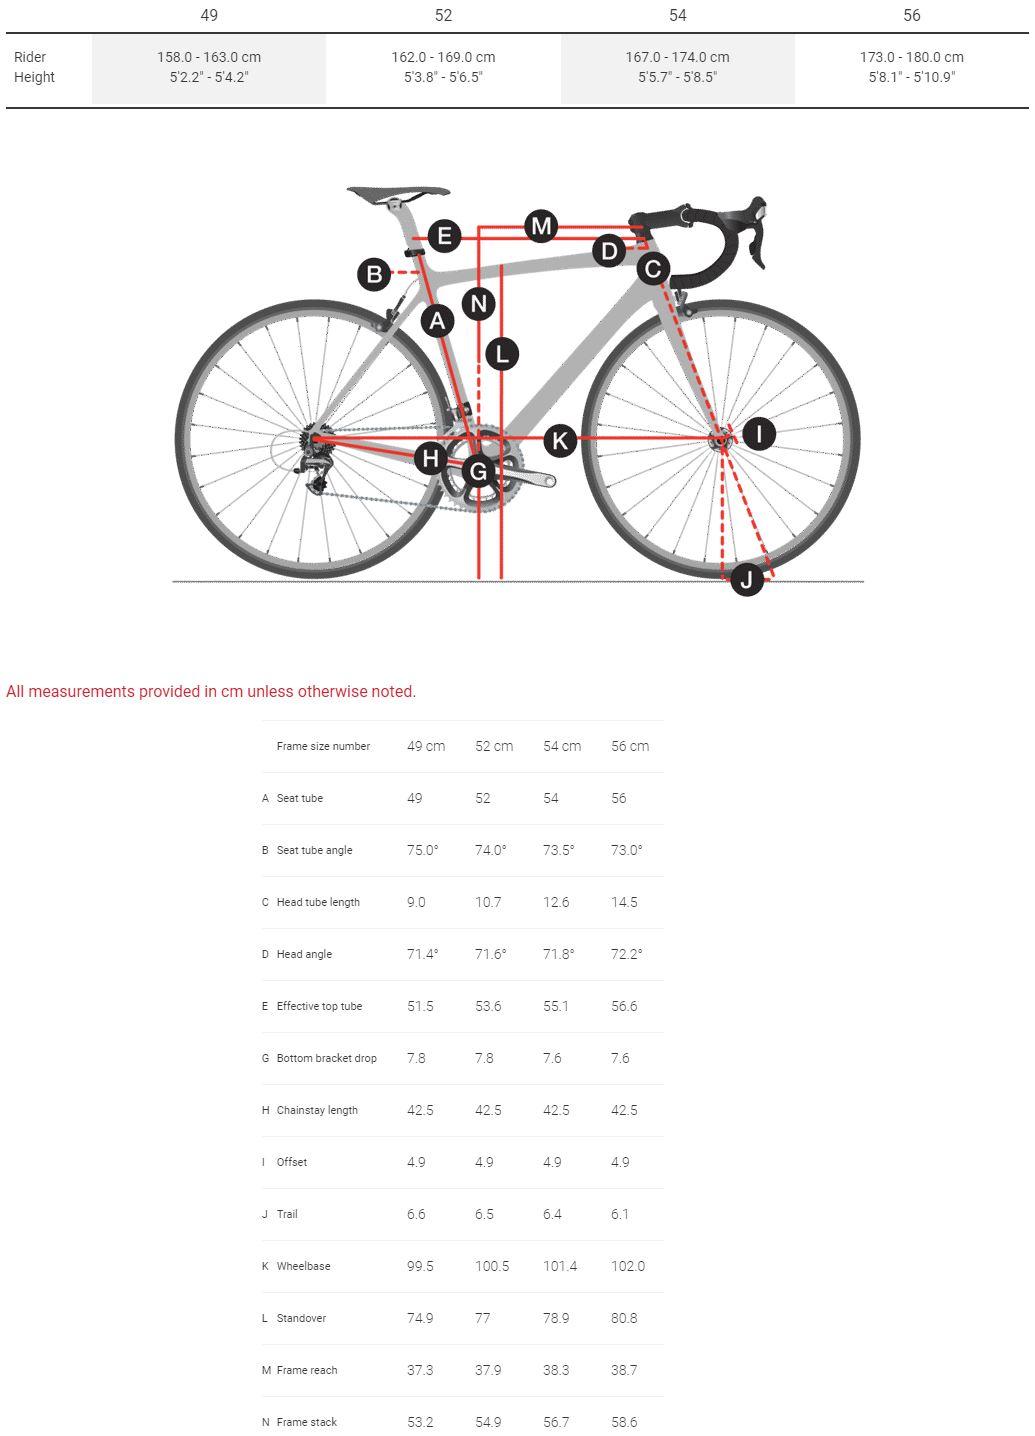 Trek Checkpoint Women's Geometry Chart